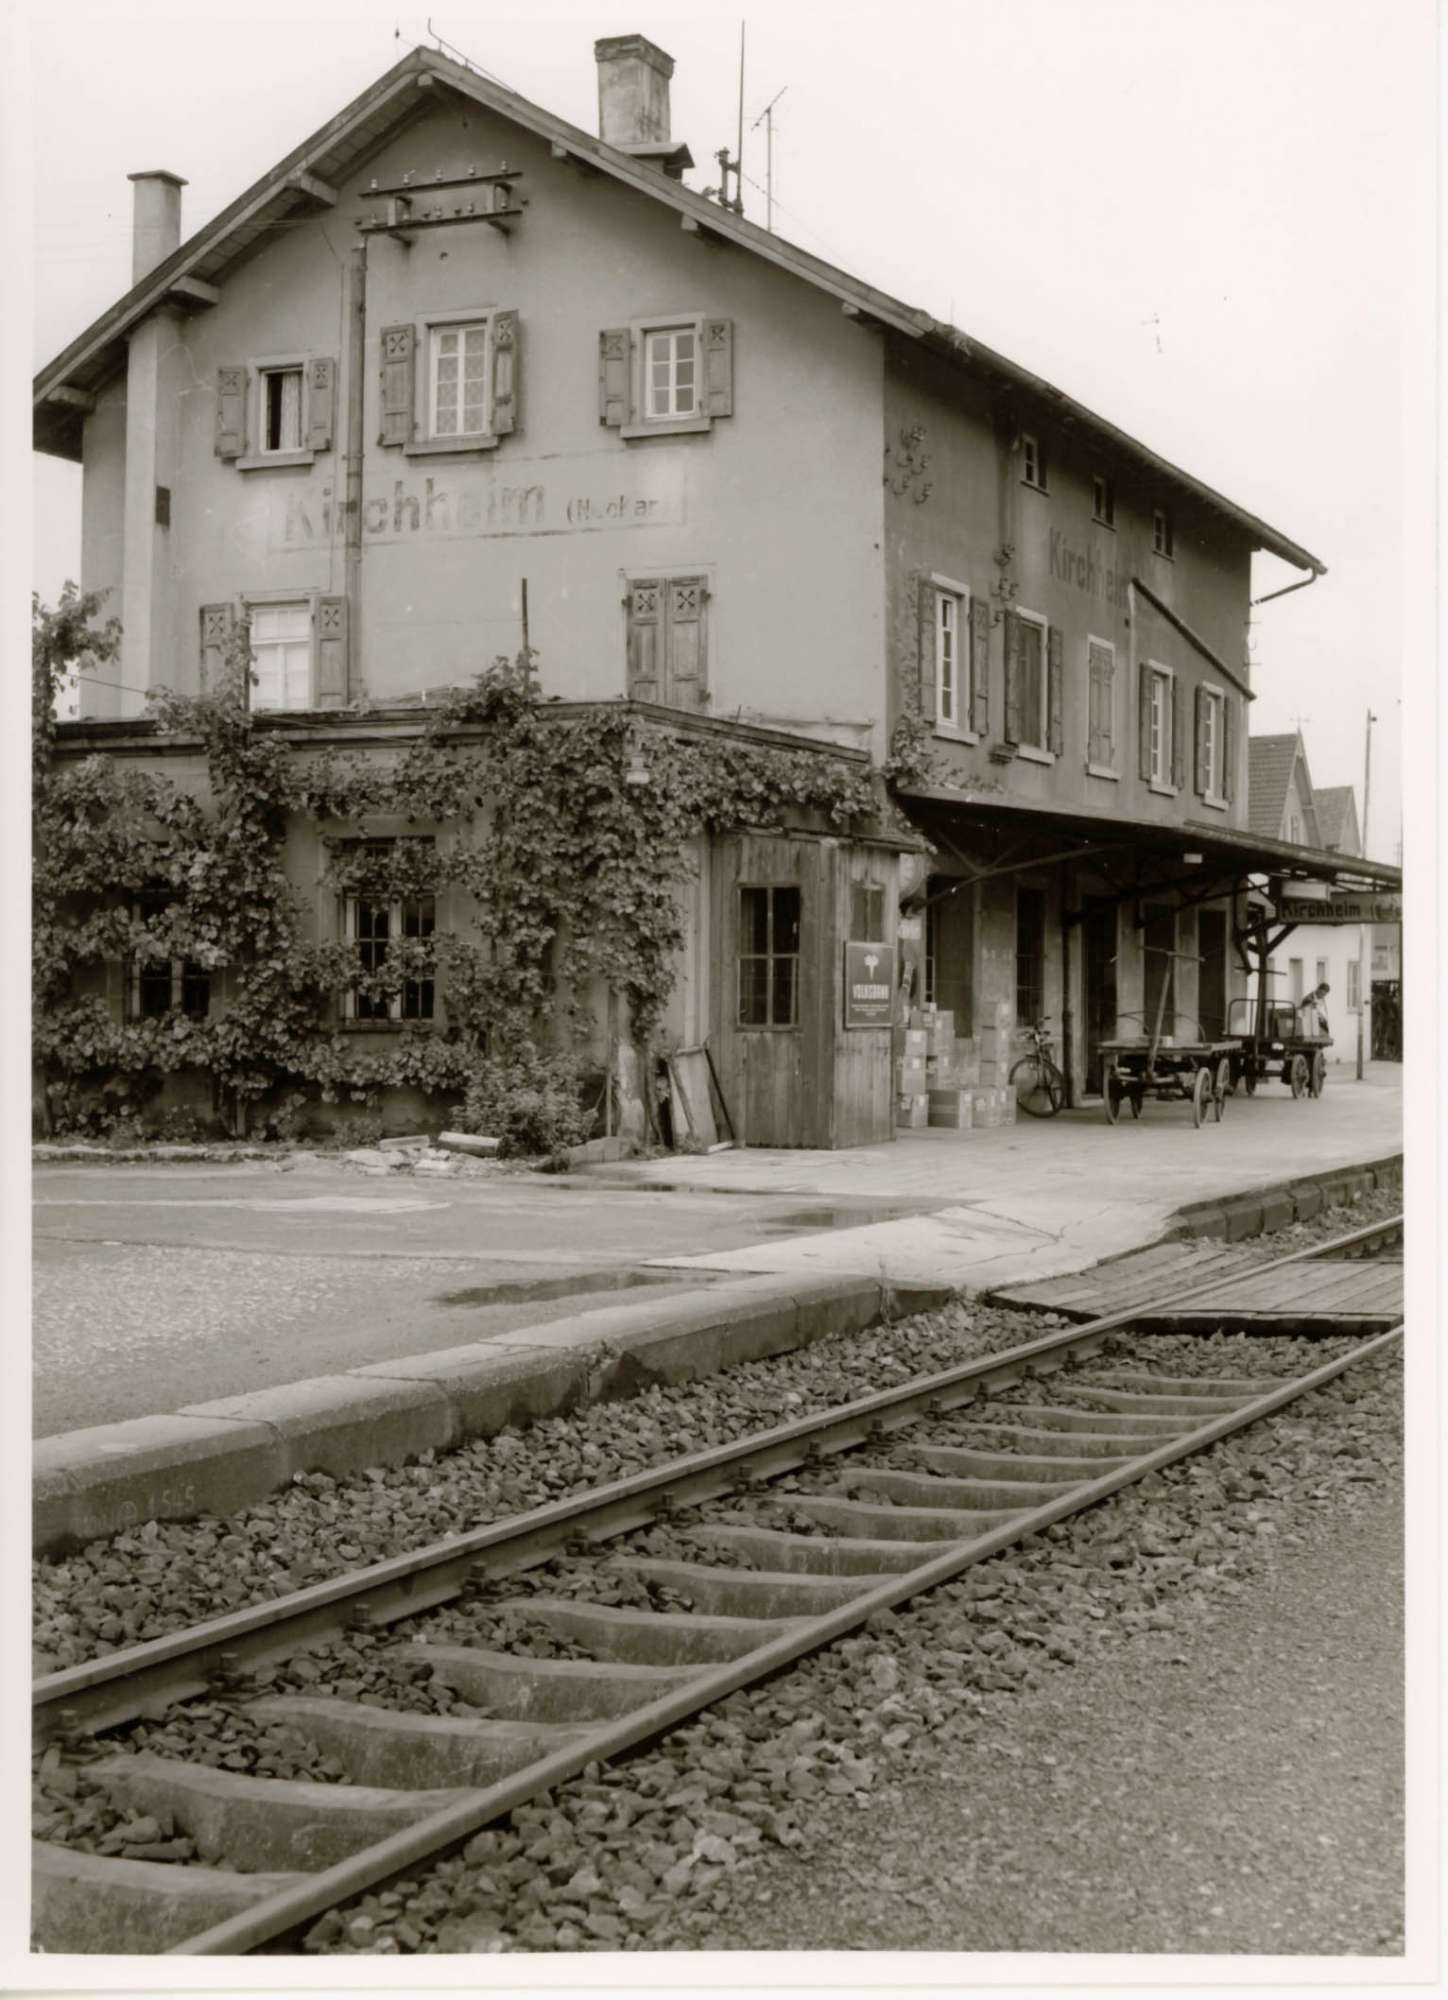 Kirchheim am Neckar: 2 Fotos u.a., Bild 1